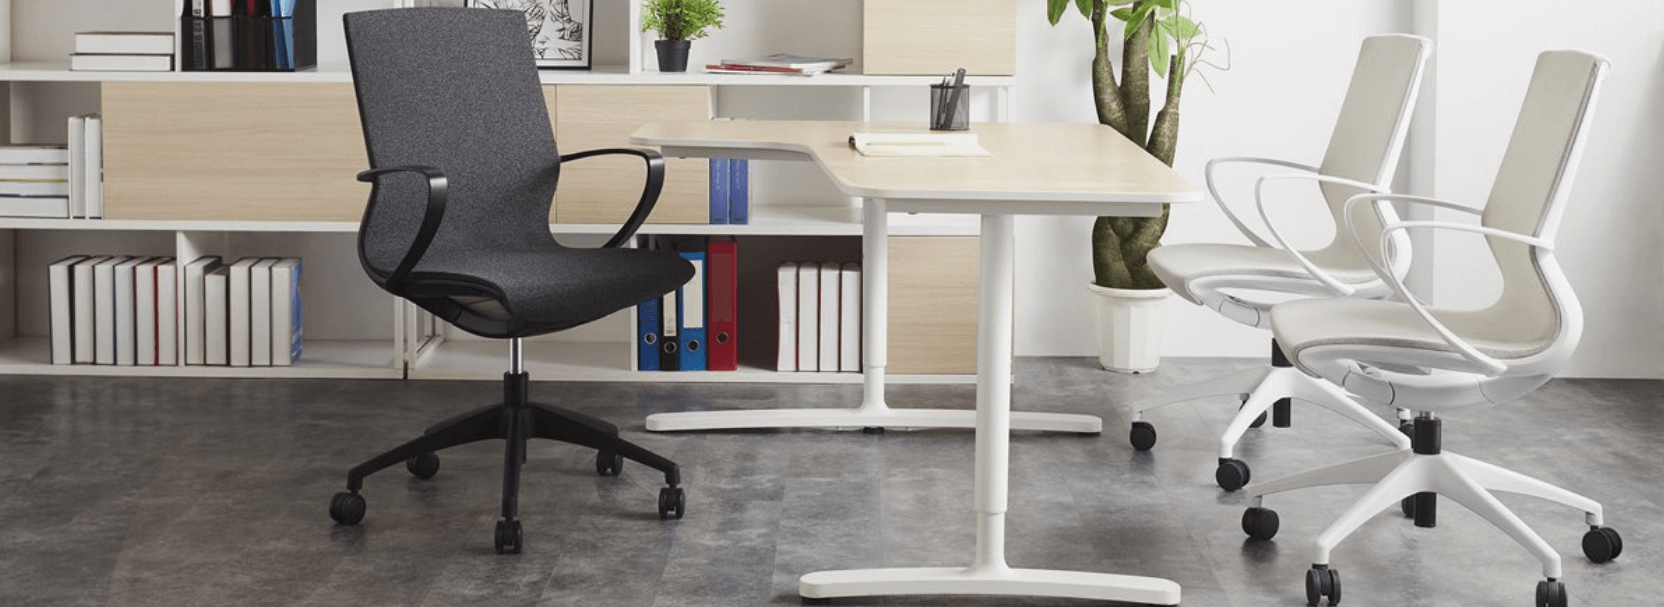 Vision kontorstol med mørkegrå polstring og sort stel